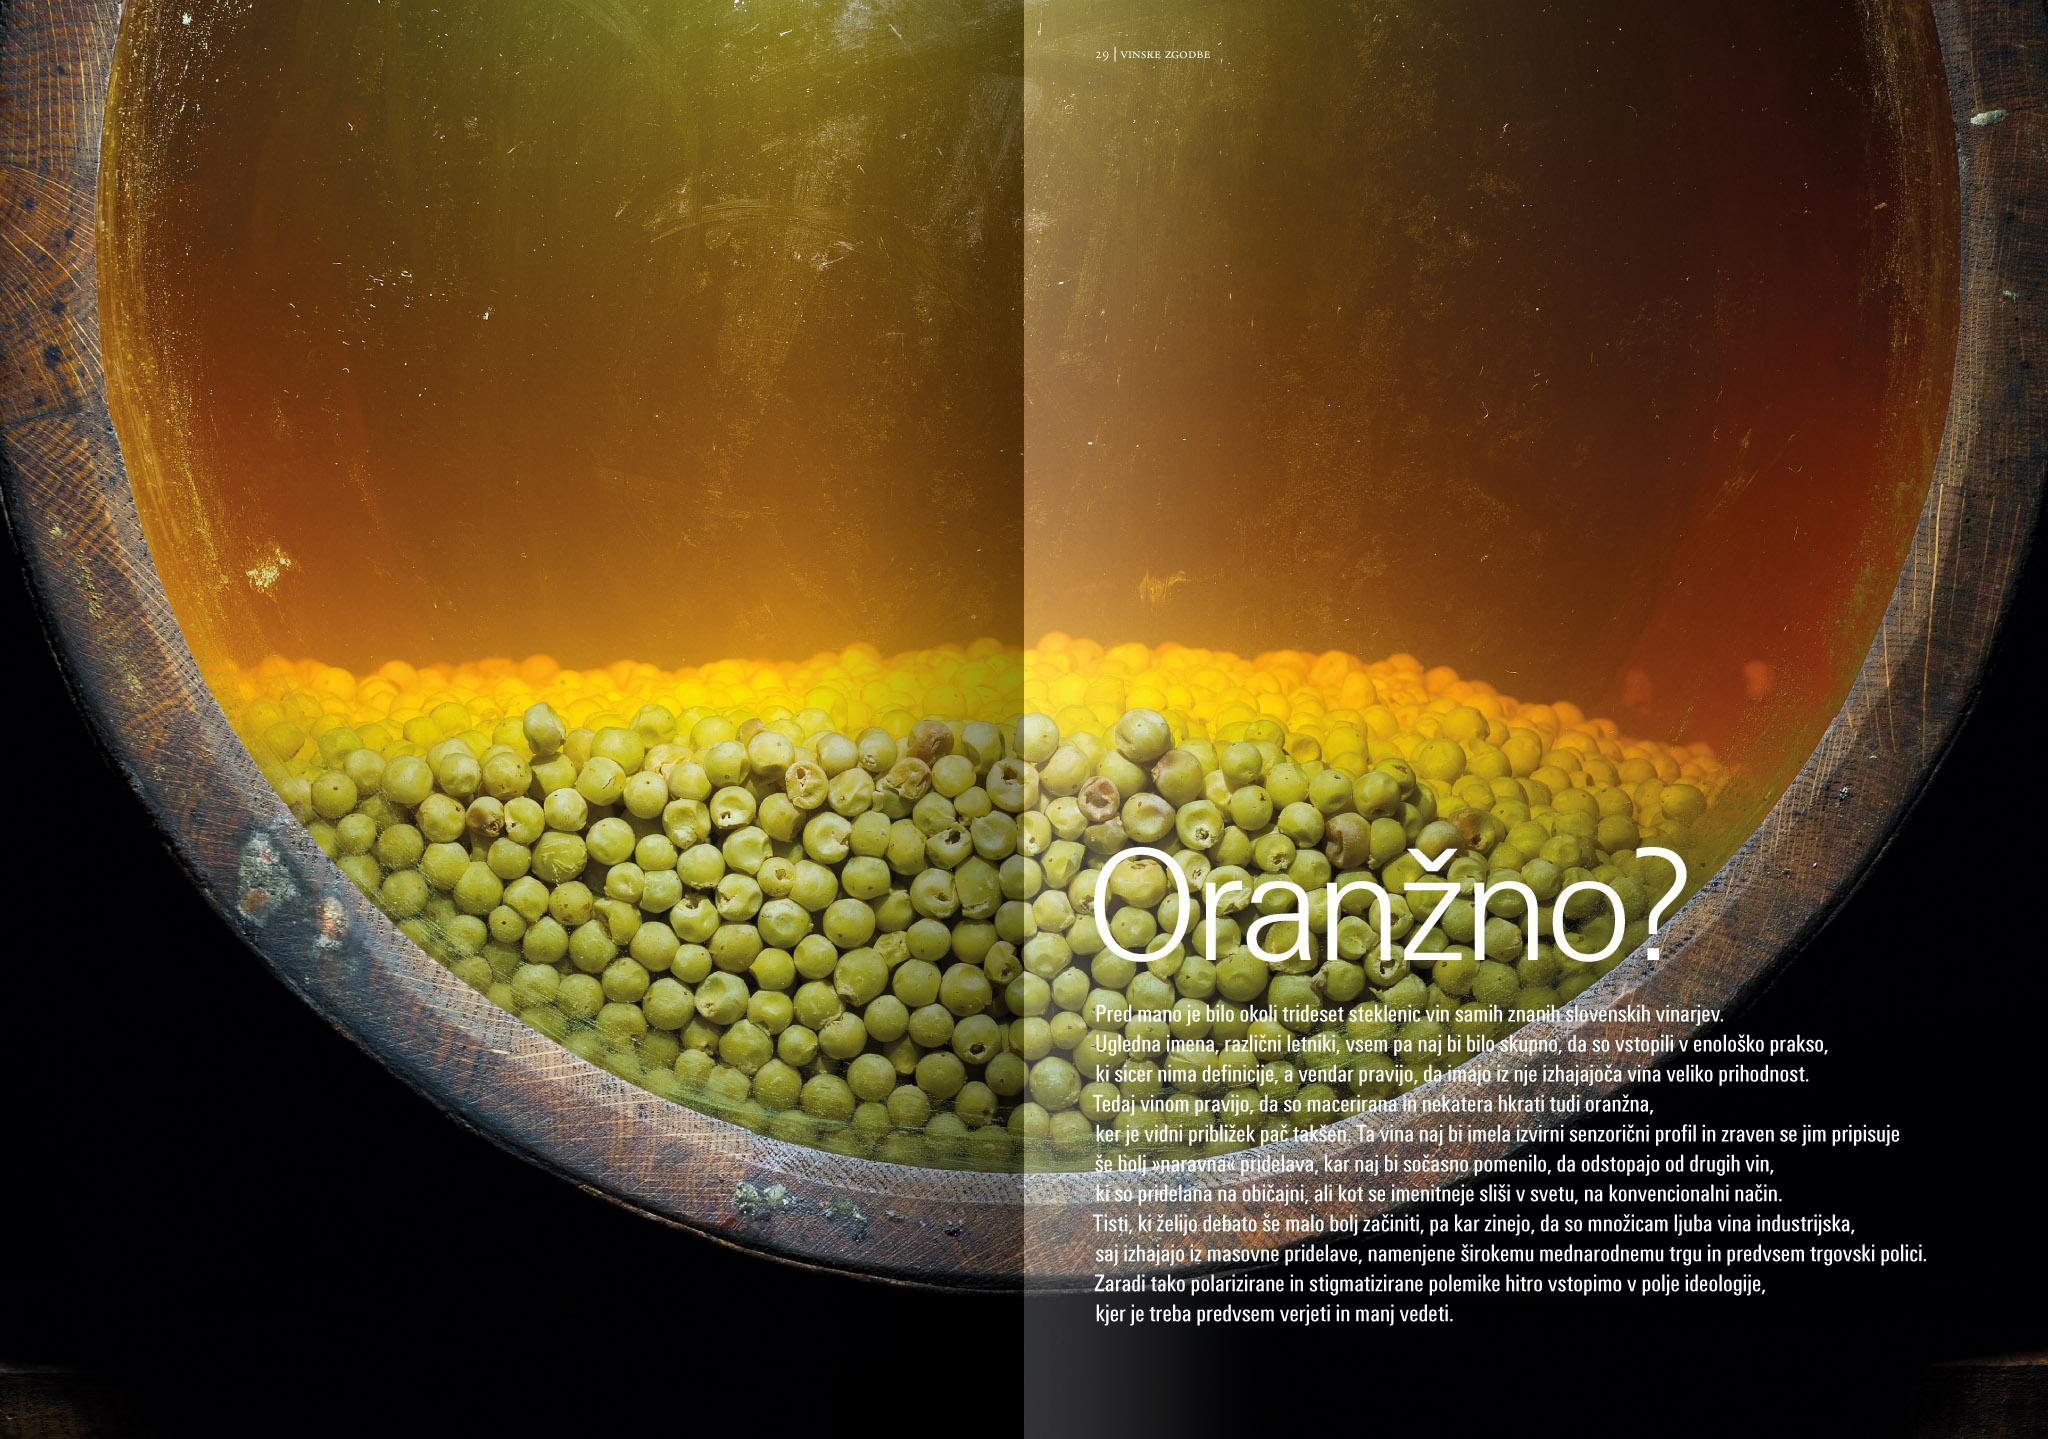 Revija Vino, jesen 2014strani 28 in 29 - uvodne strani članka Oranžno· Naročnik: Revija Vino · Fotografija za članek: Marijan Močivnik · 2014 ·